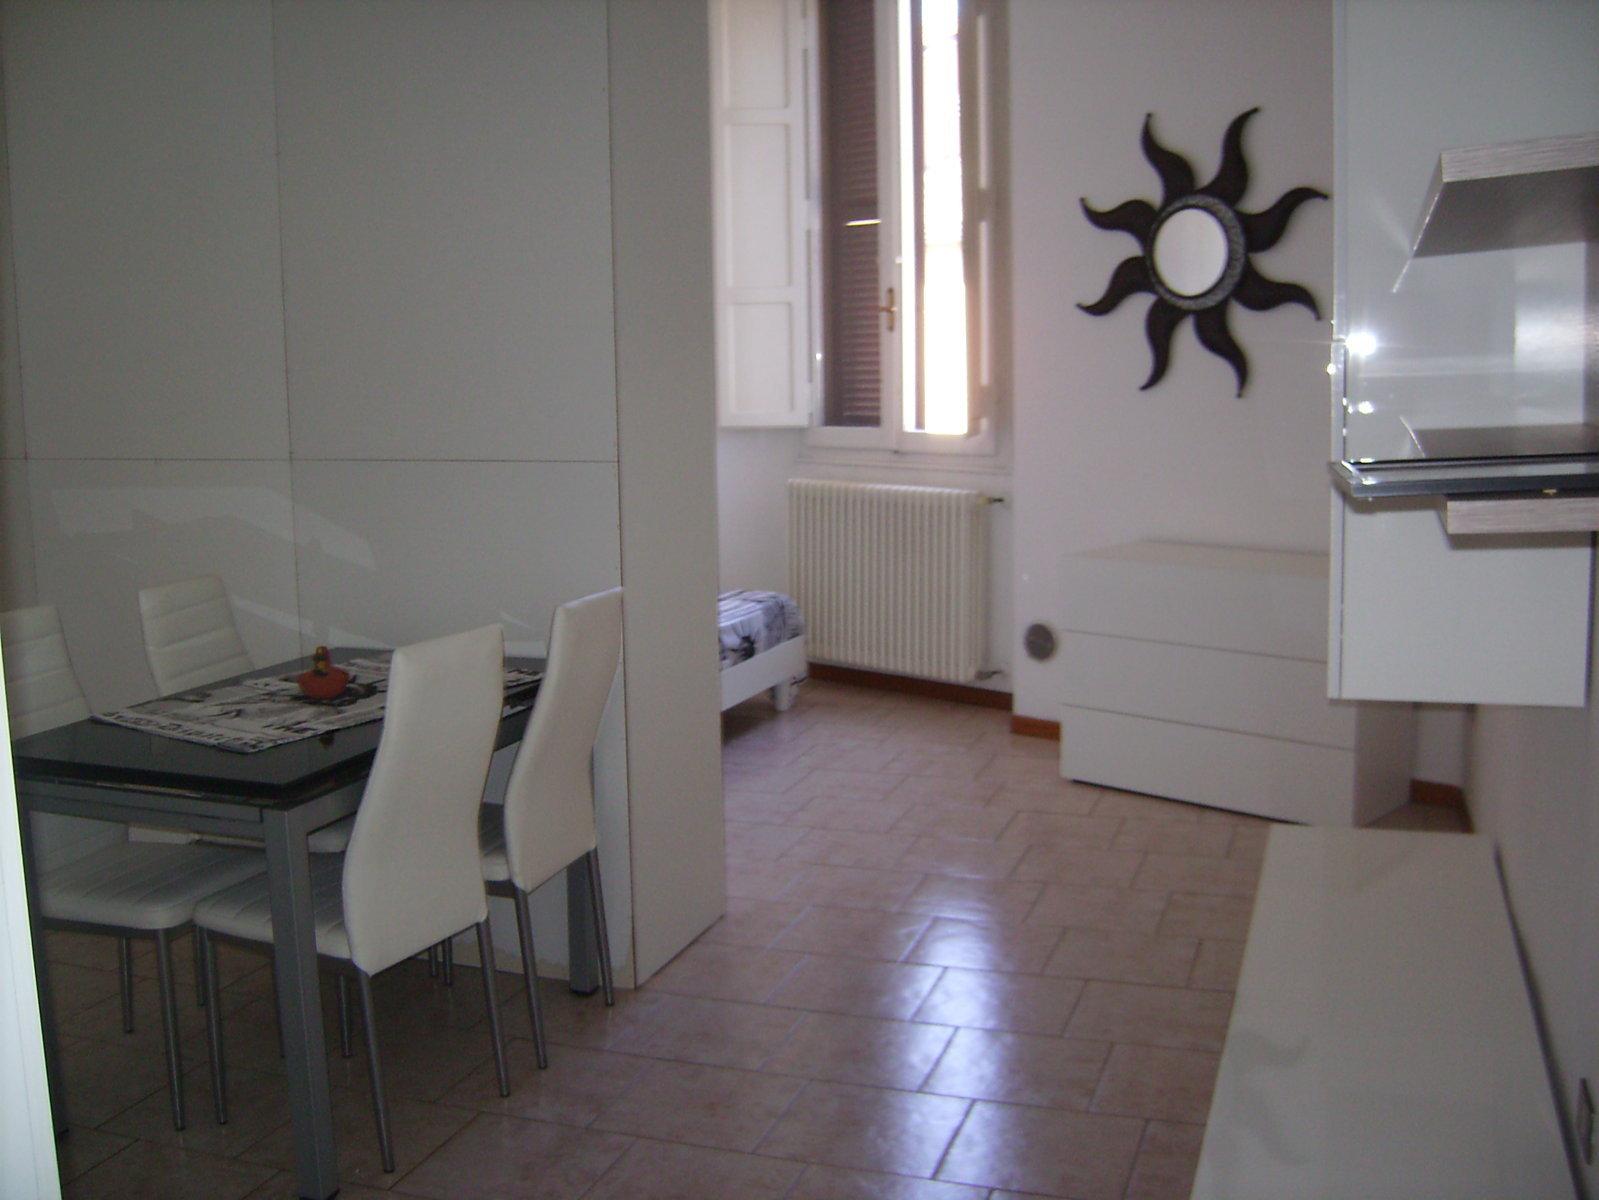 Monolocale arredato appartamenti e case in affitto e in for Monolocale arredato affitto